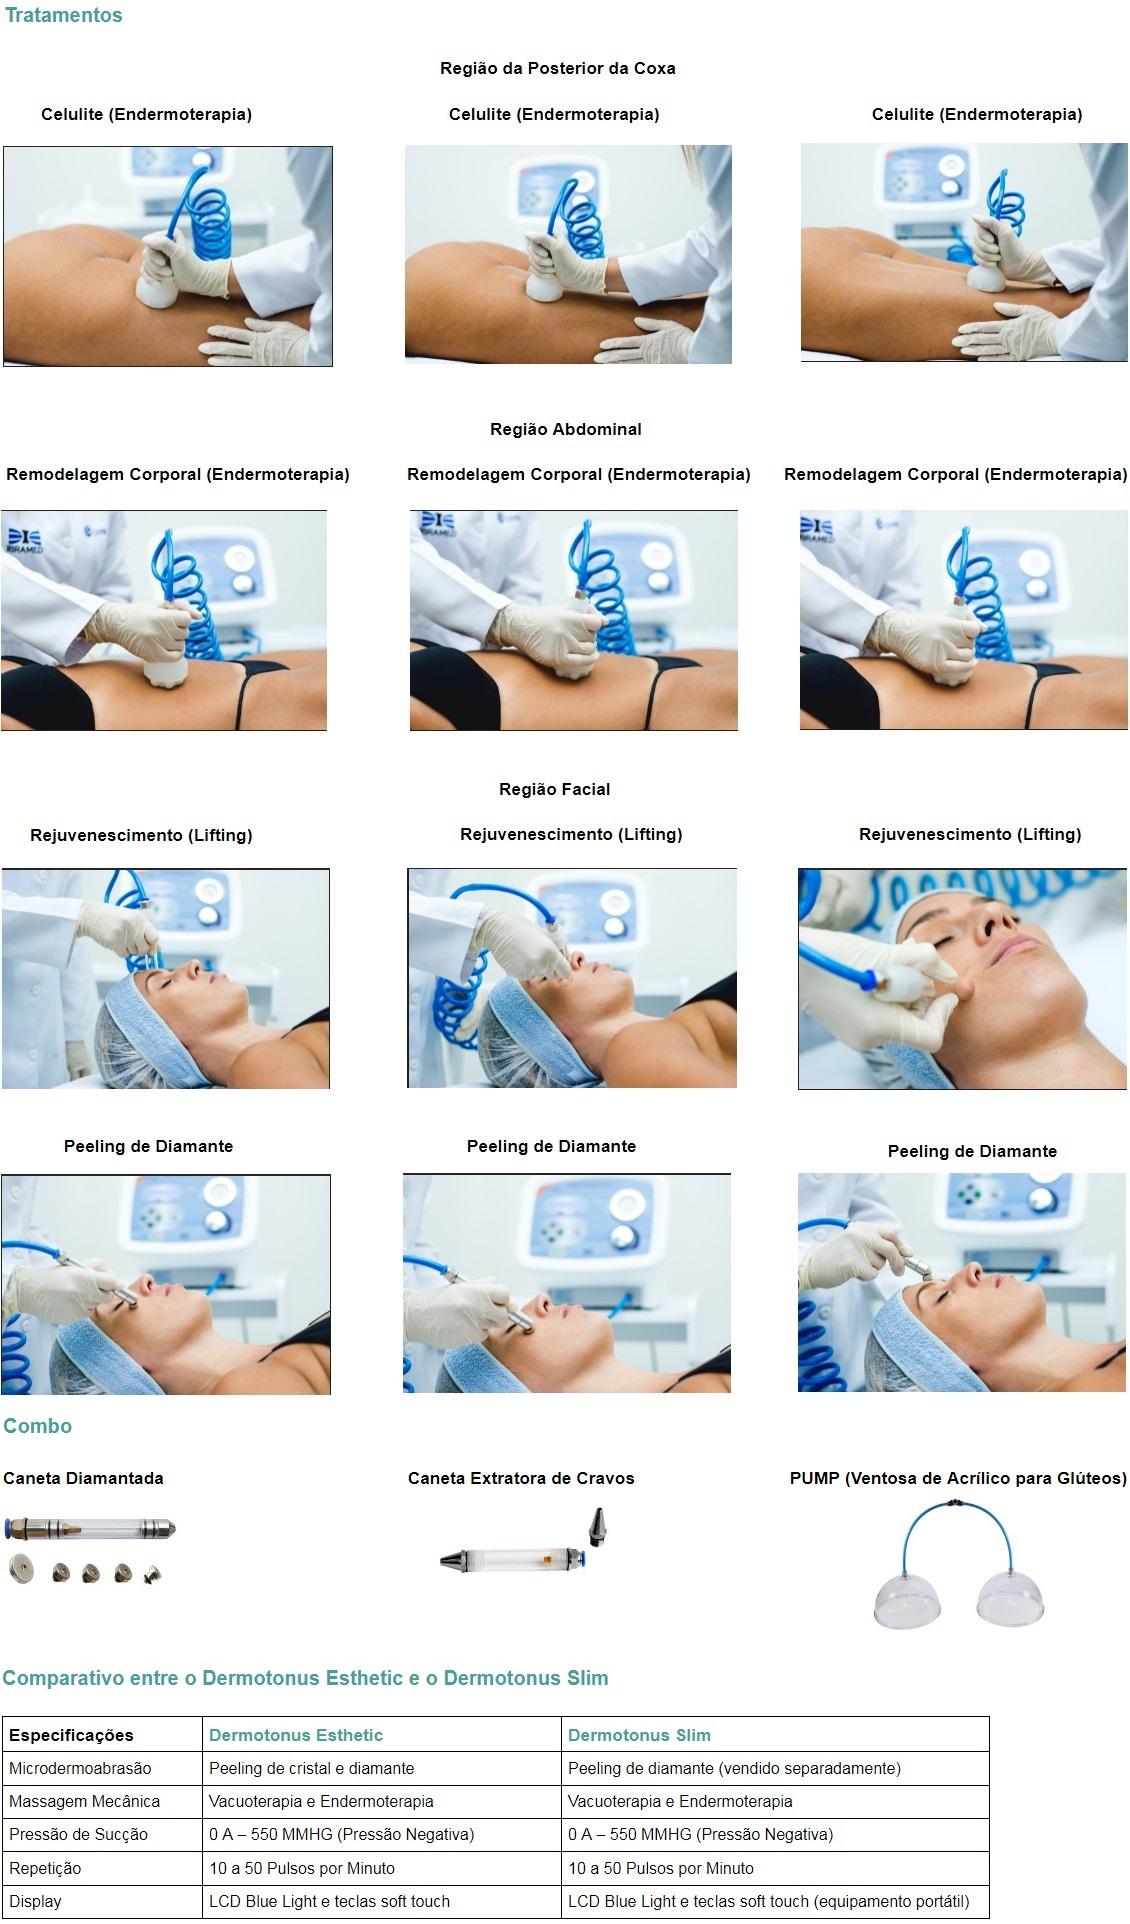 Tratamentos  Região da Posterior da Coxa  Celulite (Endermoterapia) Celulite (Endermoterapia)   Região Abdominal  Remodelagem Corporal (Endermoterapia)  Região Facial  Rejuvenescimento (Lifting)  Peeling de Diamante